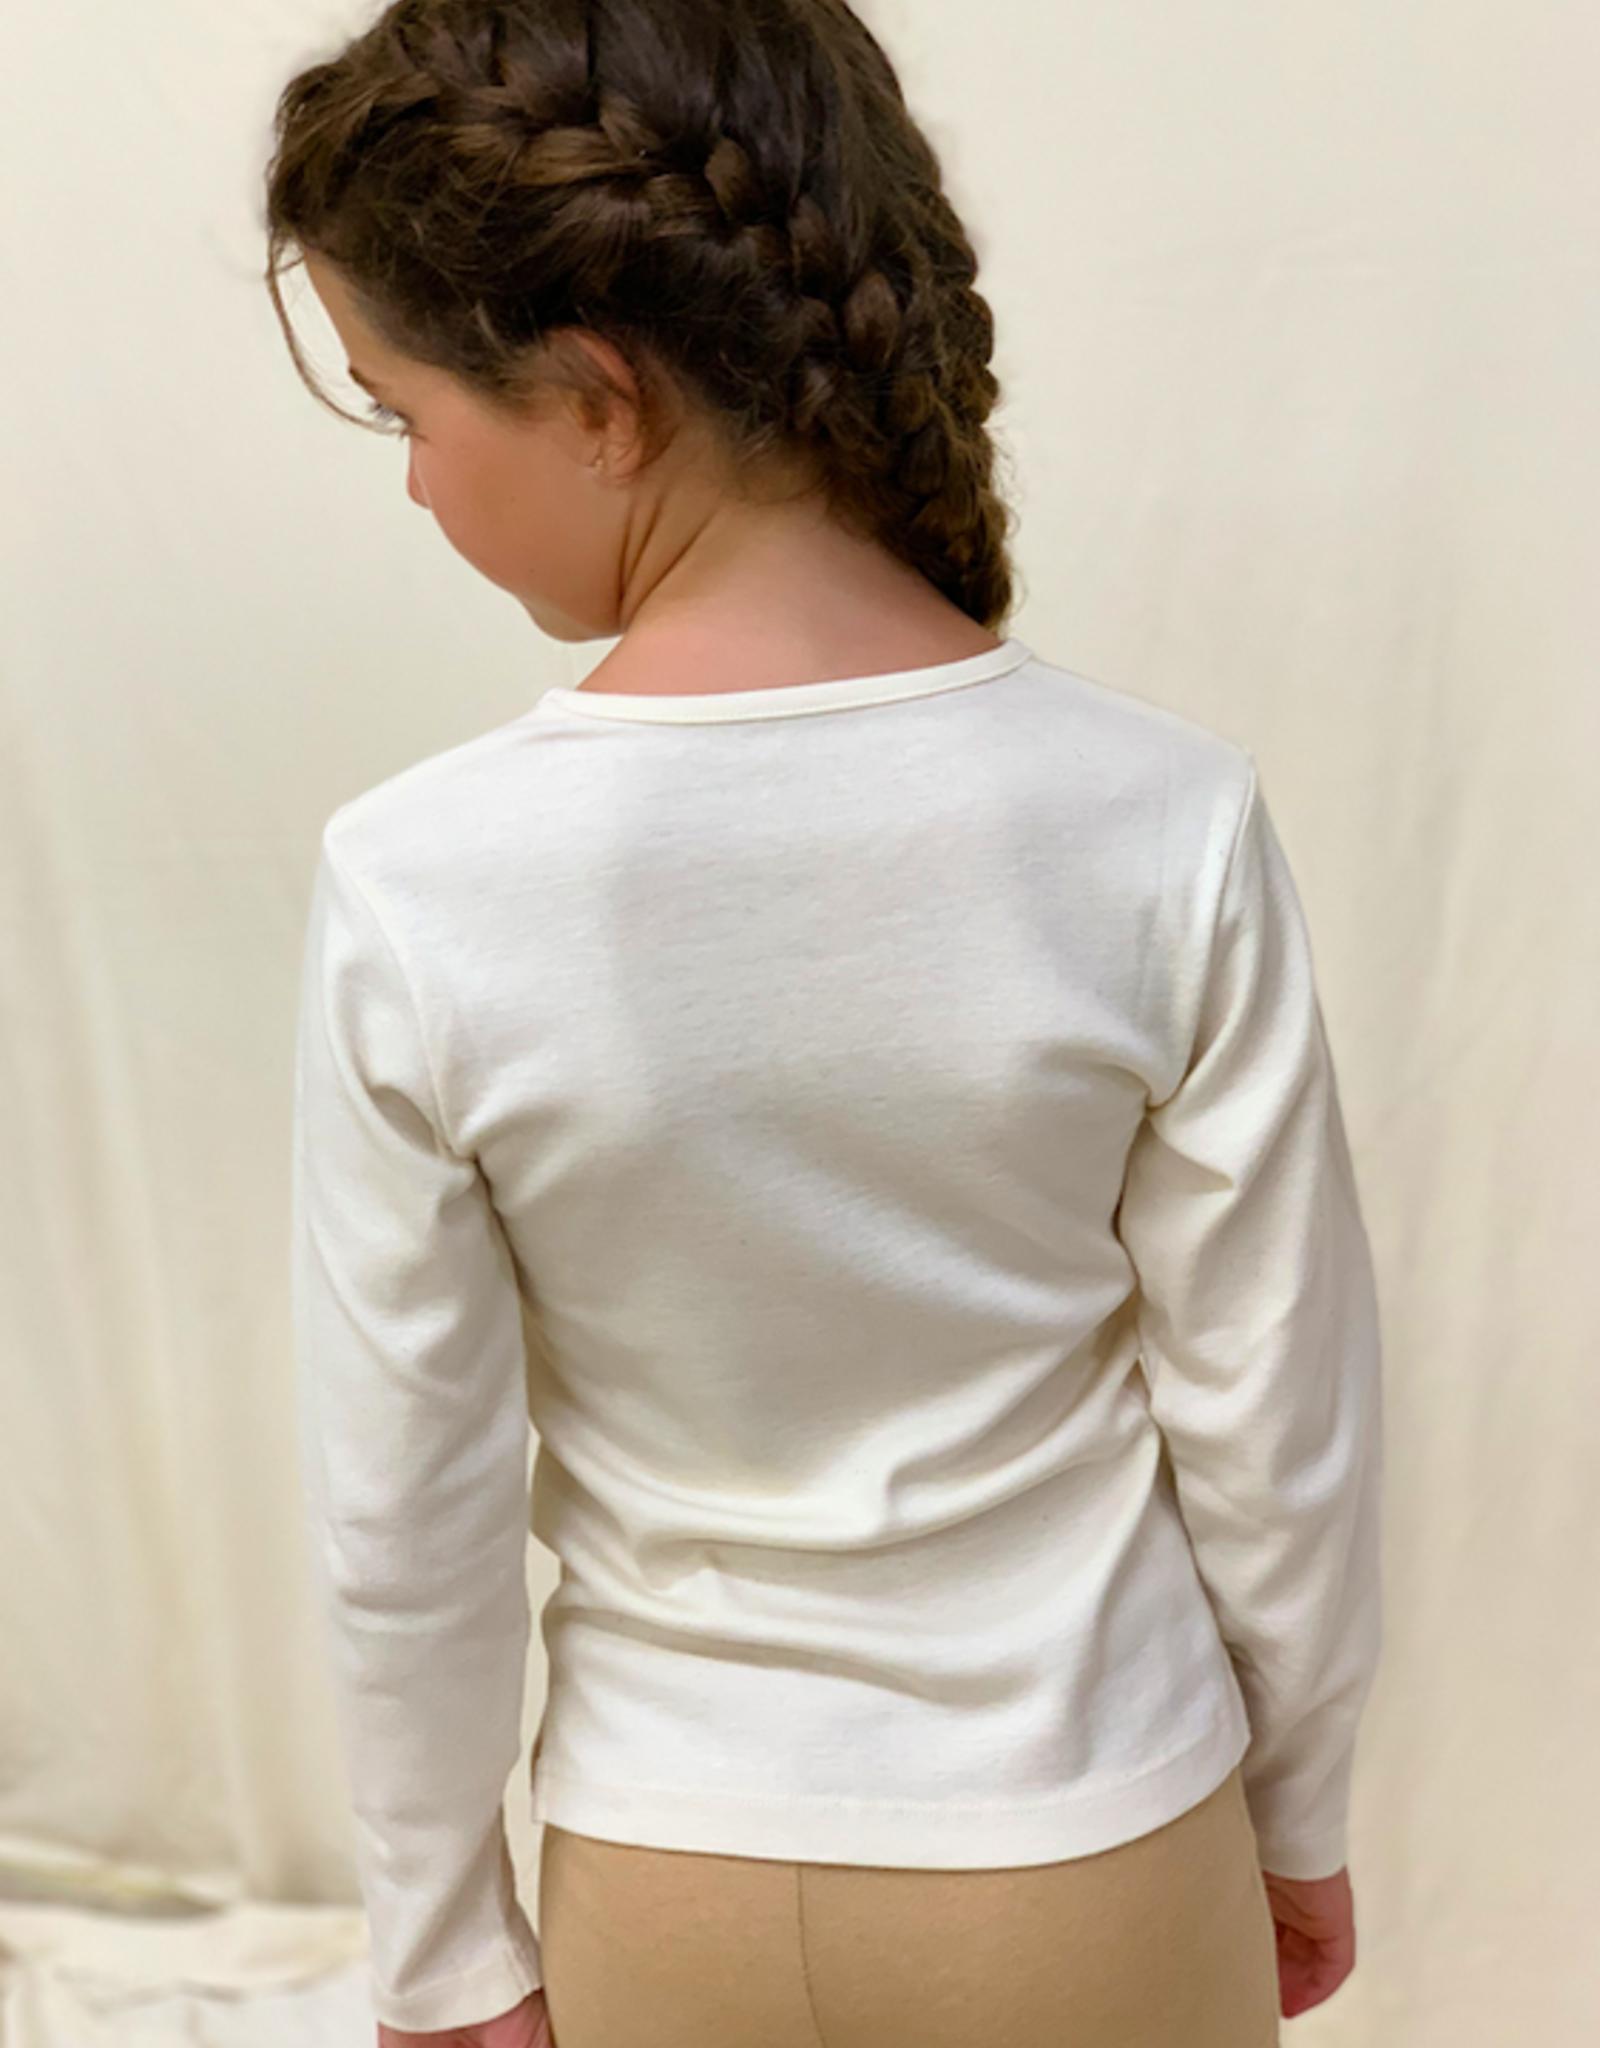 Camiseta junior manga larga con cuello de pico. Tallas 8, 10, 12 años.